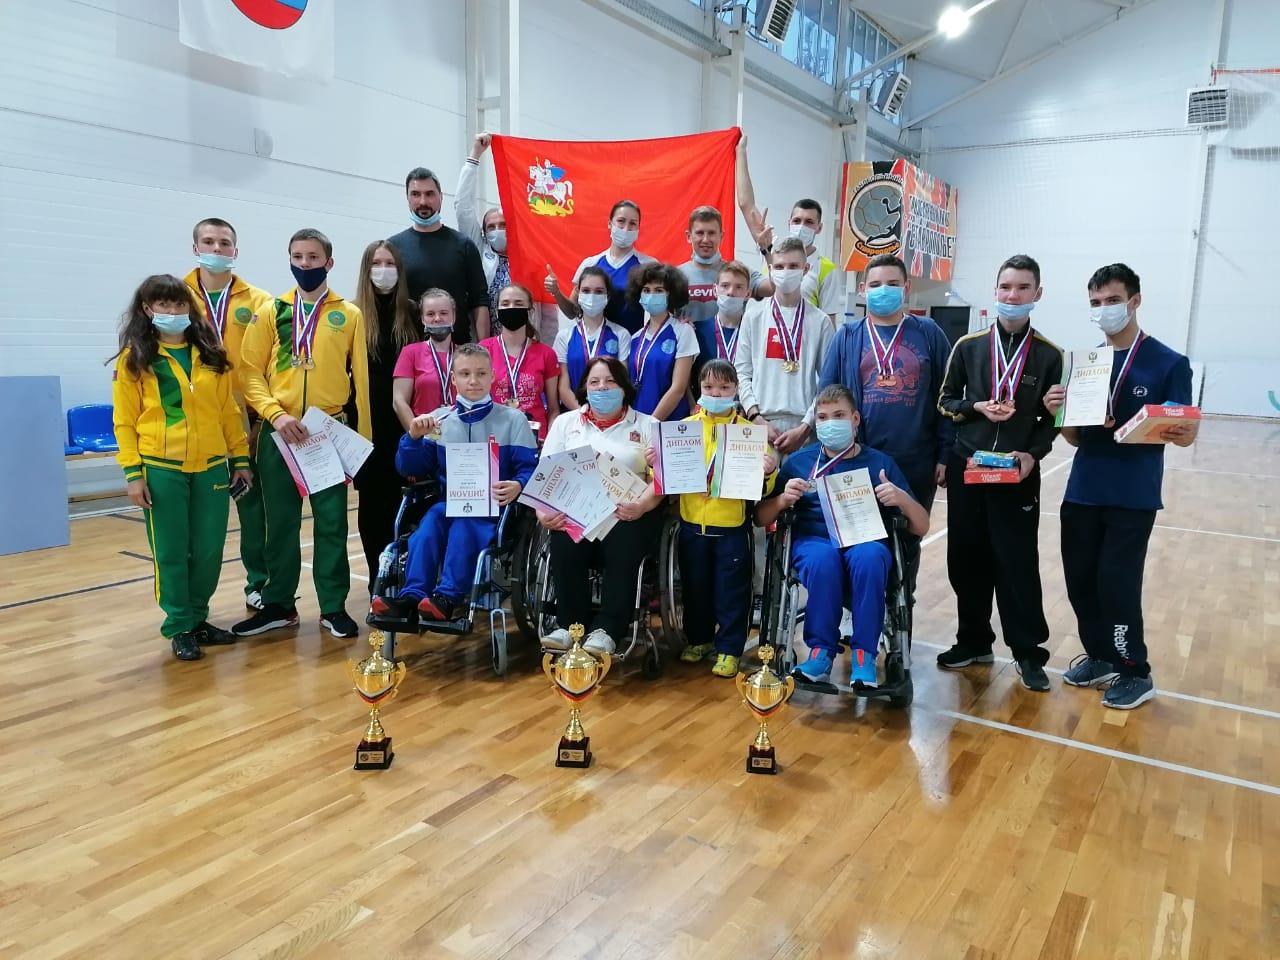 Сборная Московской области выиграла командный зачет первенства России по бадминтону спорта лиц с ПОДА